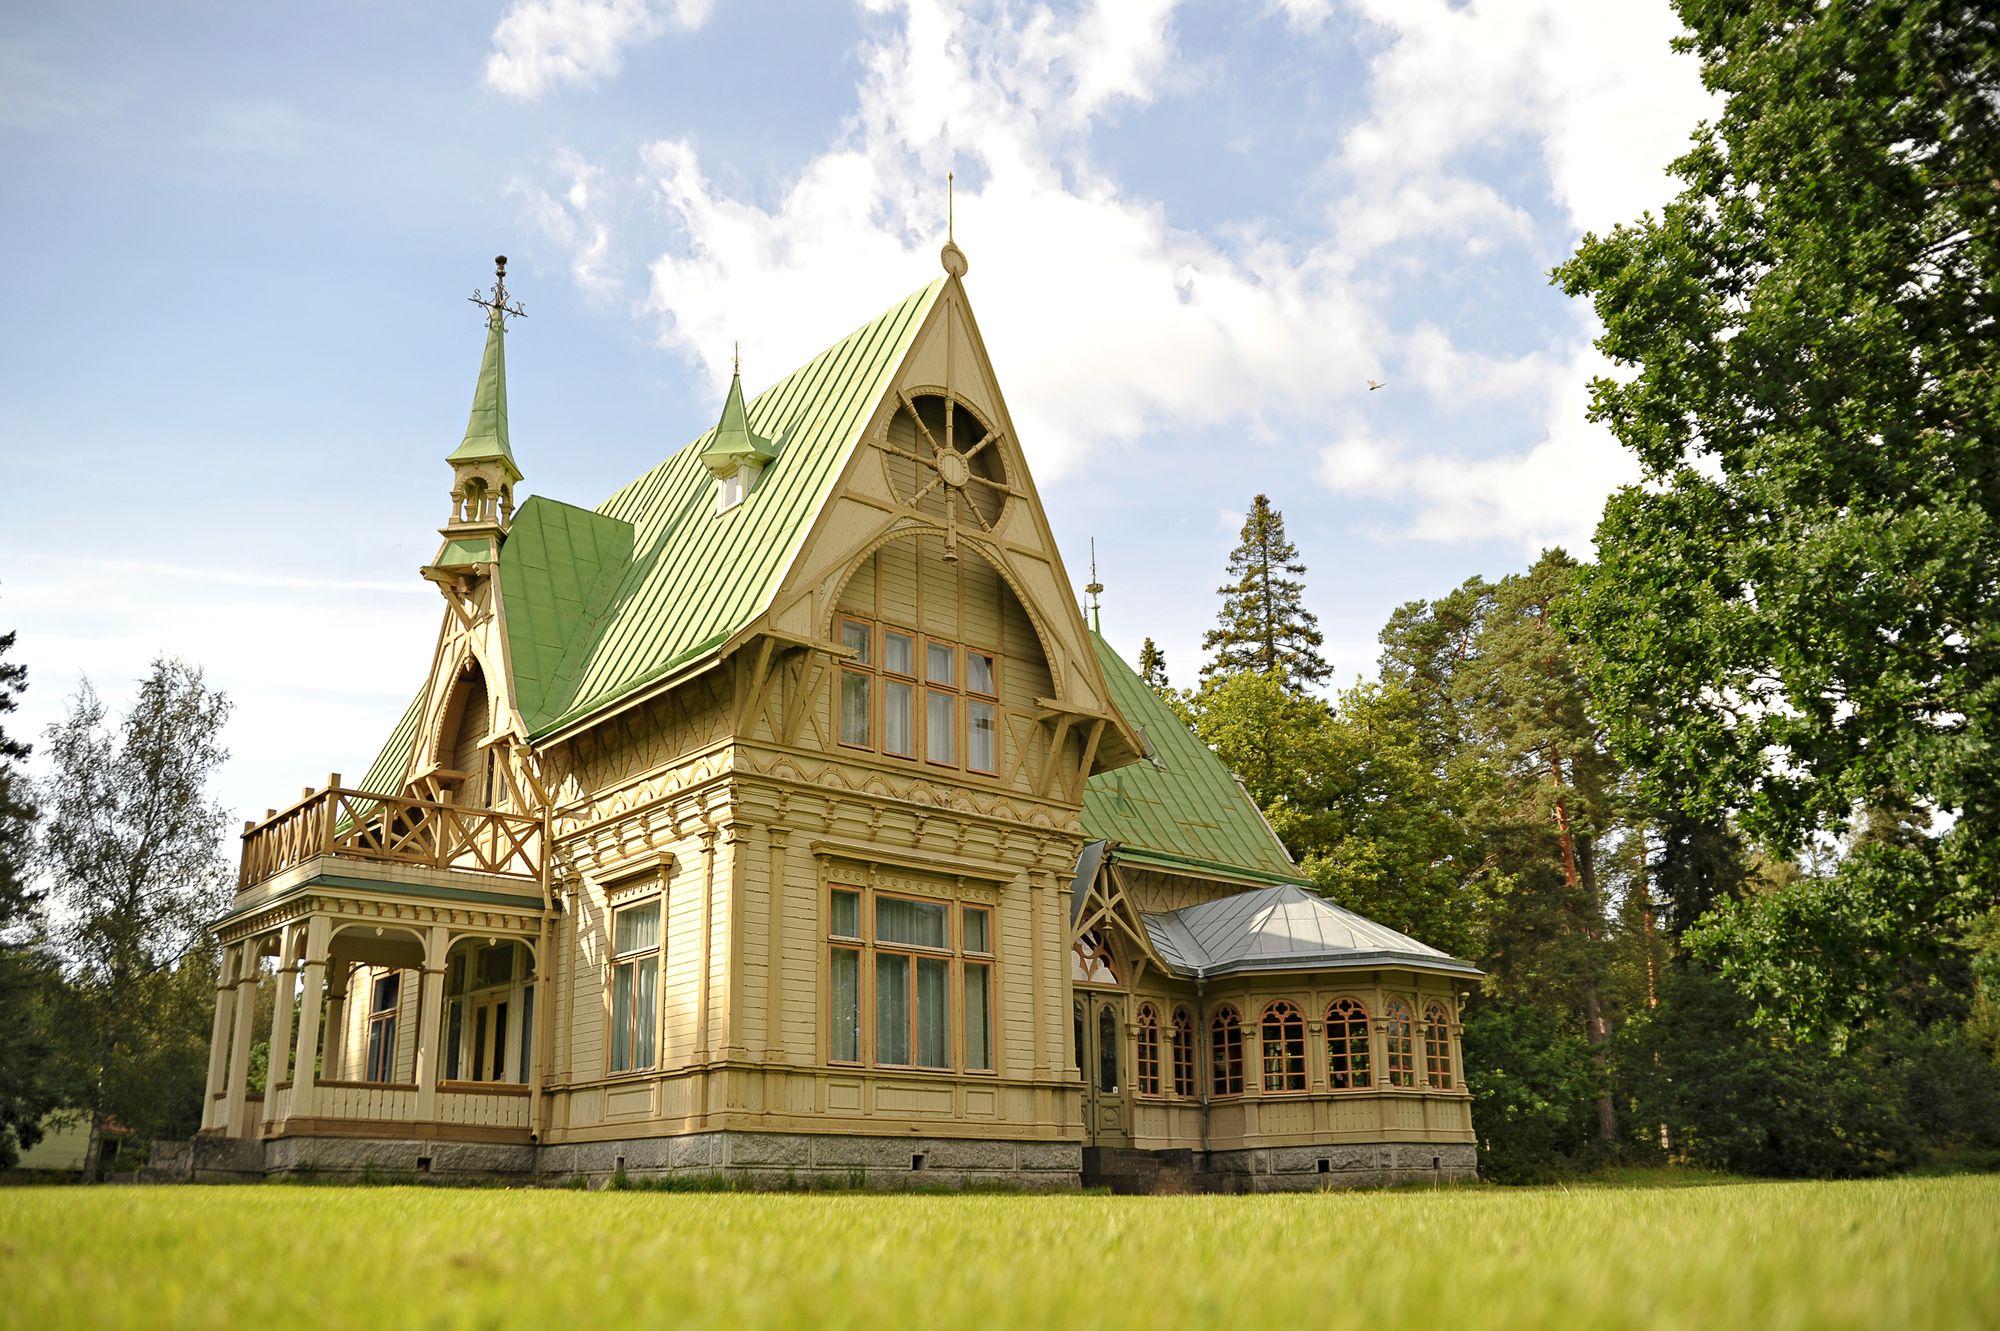 Carslron huvilassa voi aistia, miten herrasväki asui ja lomaili kesäisin 1900-luvun vaihteessa. © Harri Vaskimo